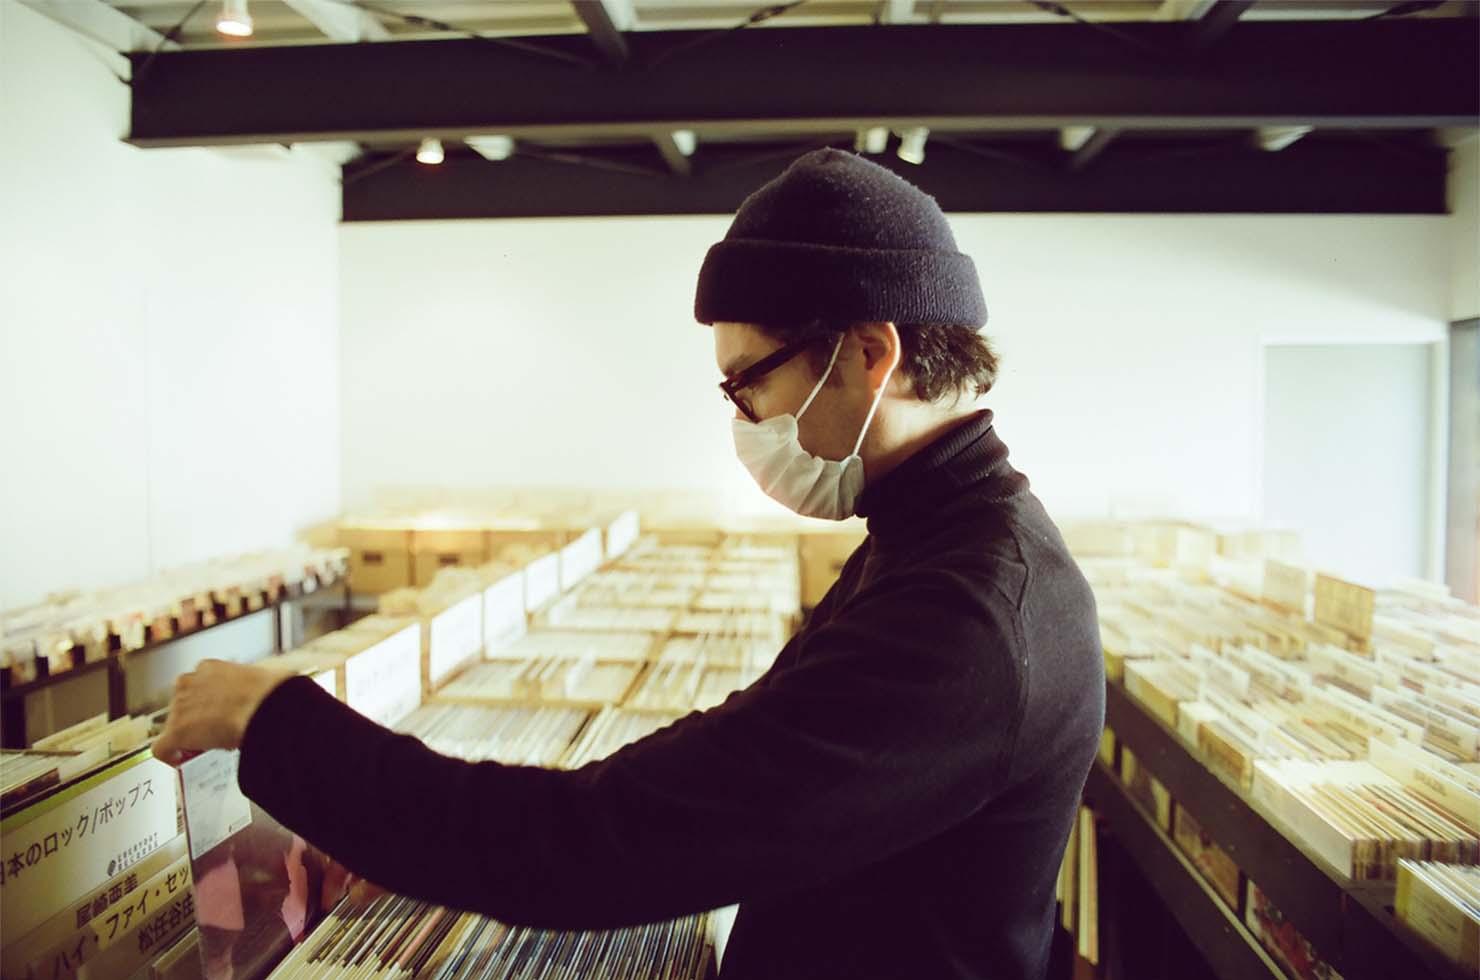 レコードをディグる様子